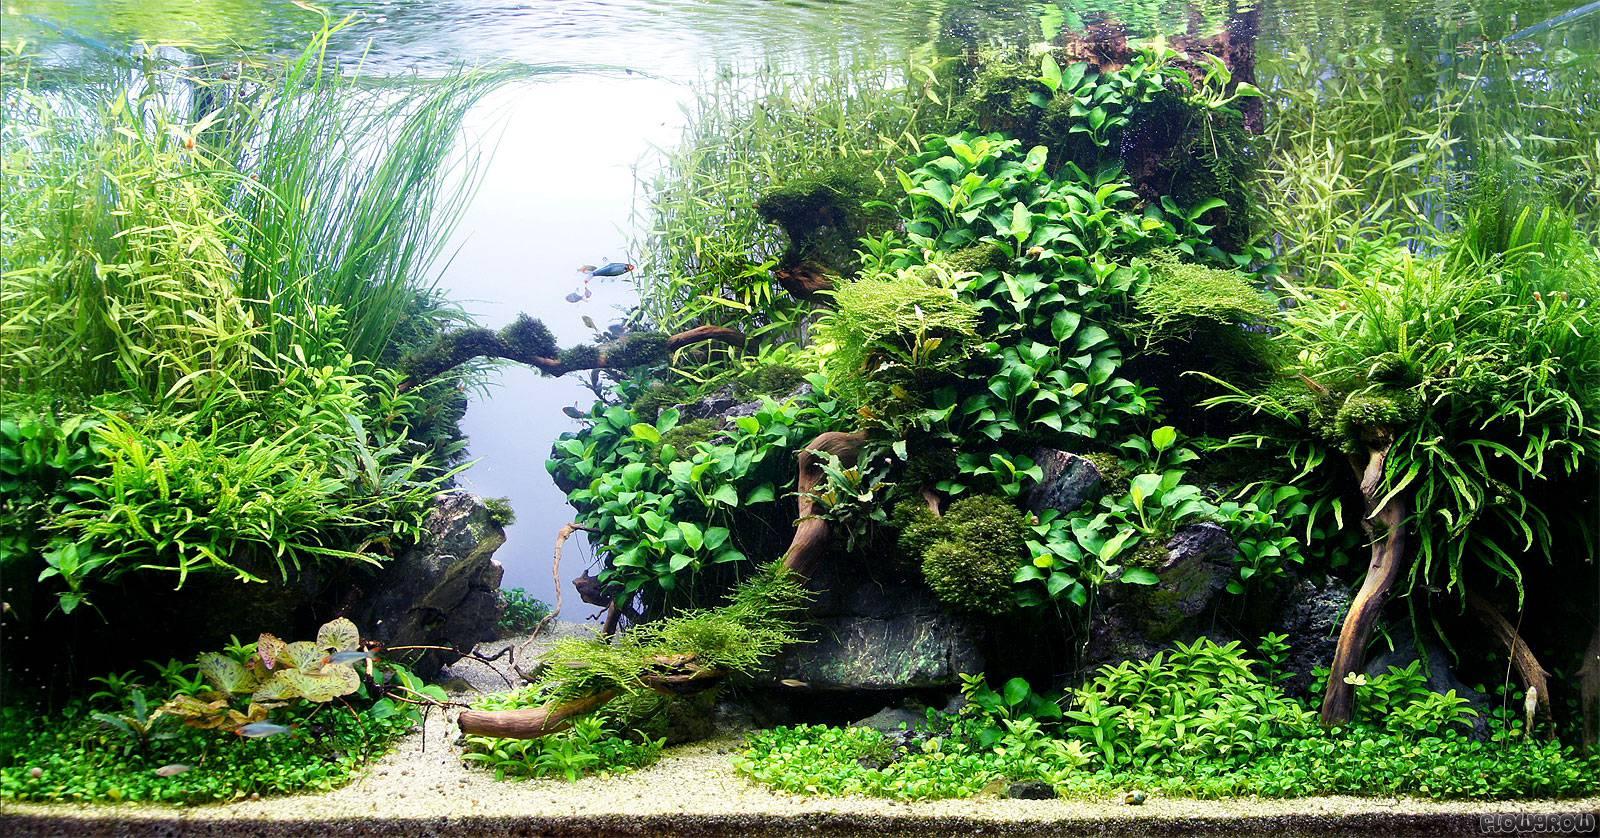 roca de plata flowgrow aquascape aquarien datenbank. Black Bedroom Furniture Sets. Home Design Ideas